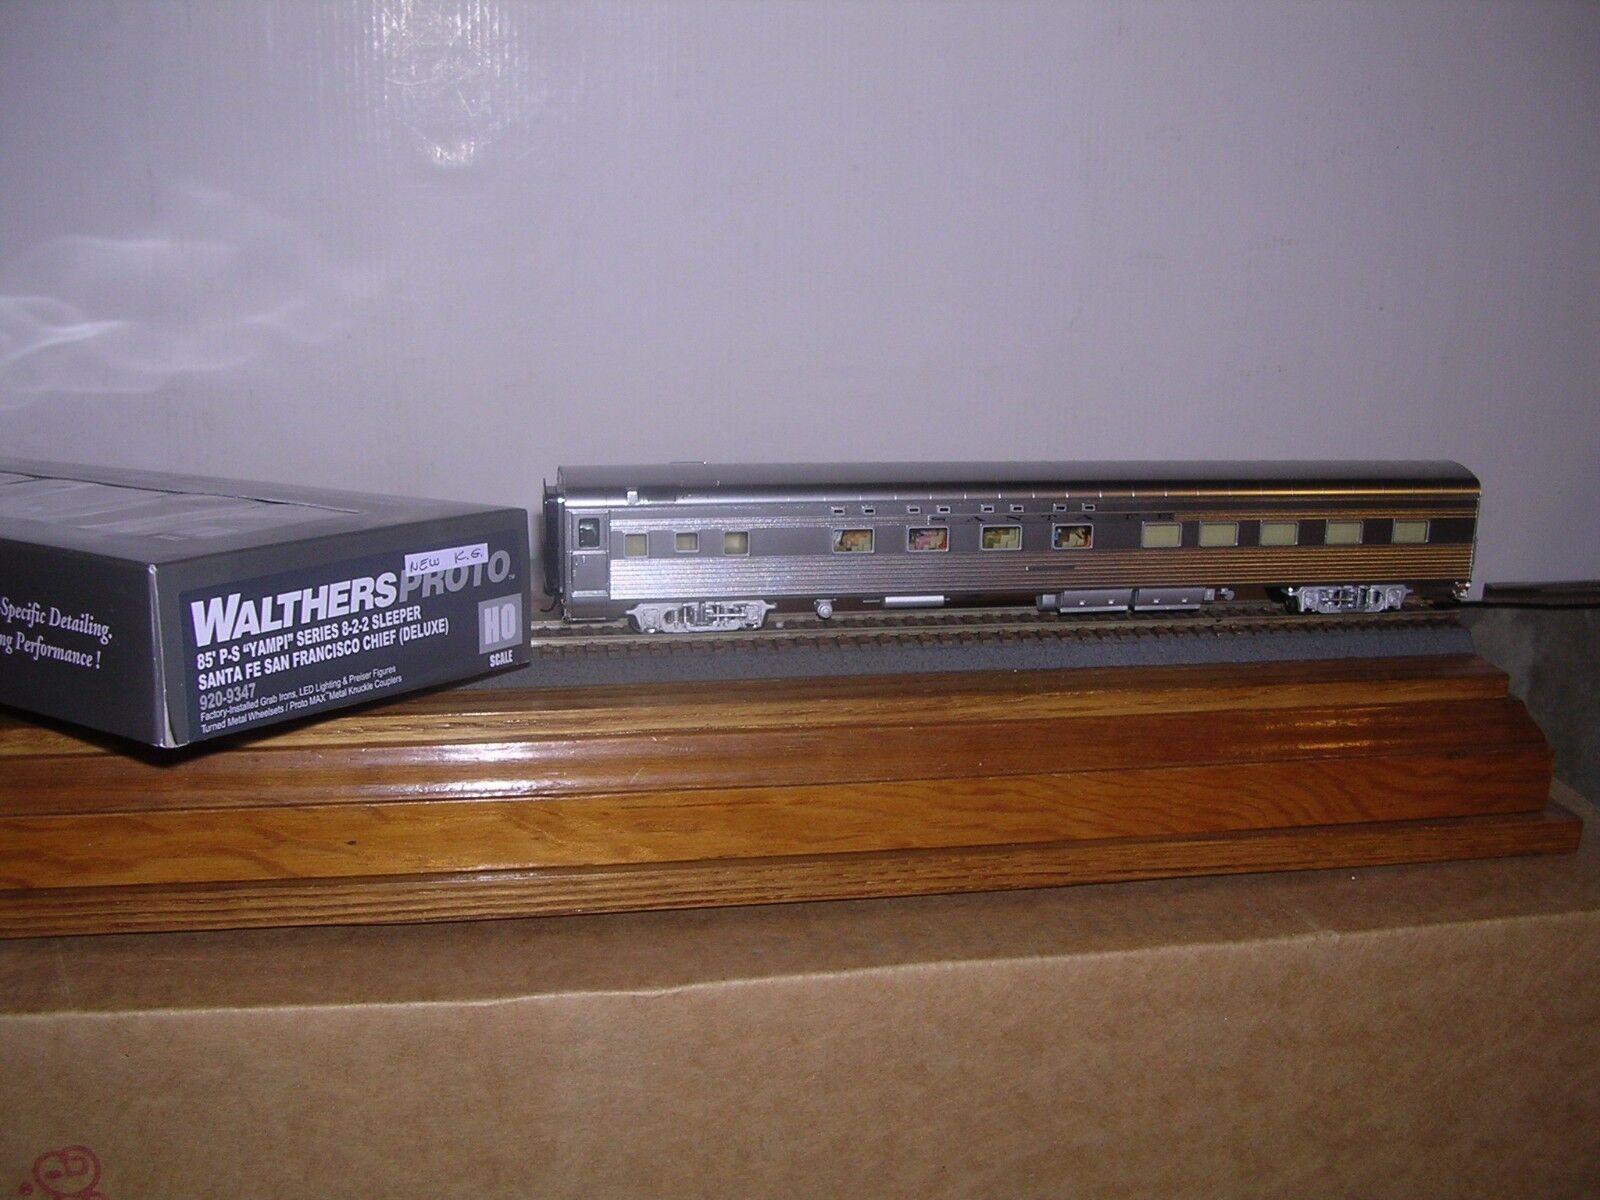 WALTHERS/Proto  920-9347  Santa Fe P.S.Streamlined 85' 8-8-2 Sleeper H.O. 1/87